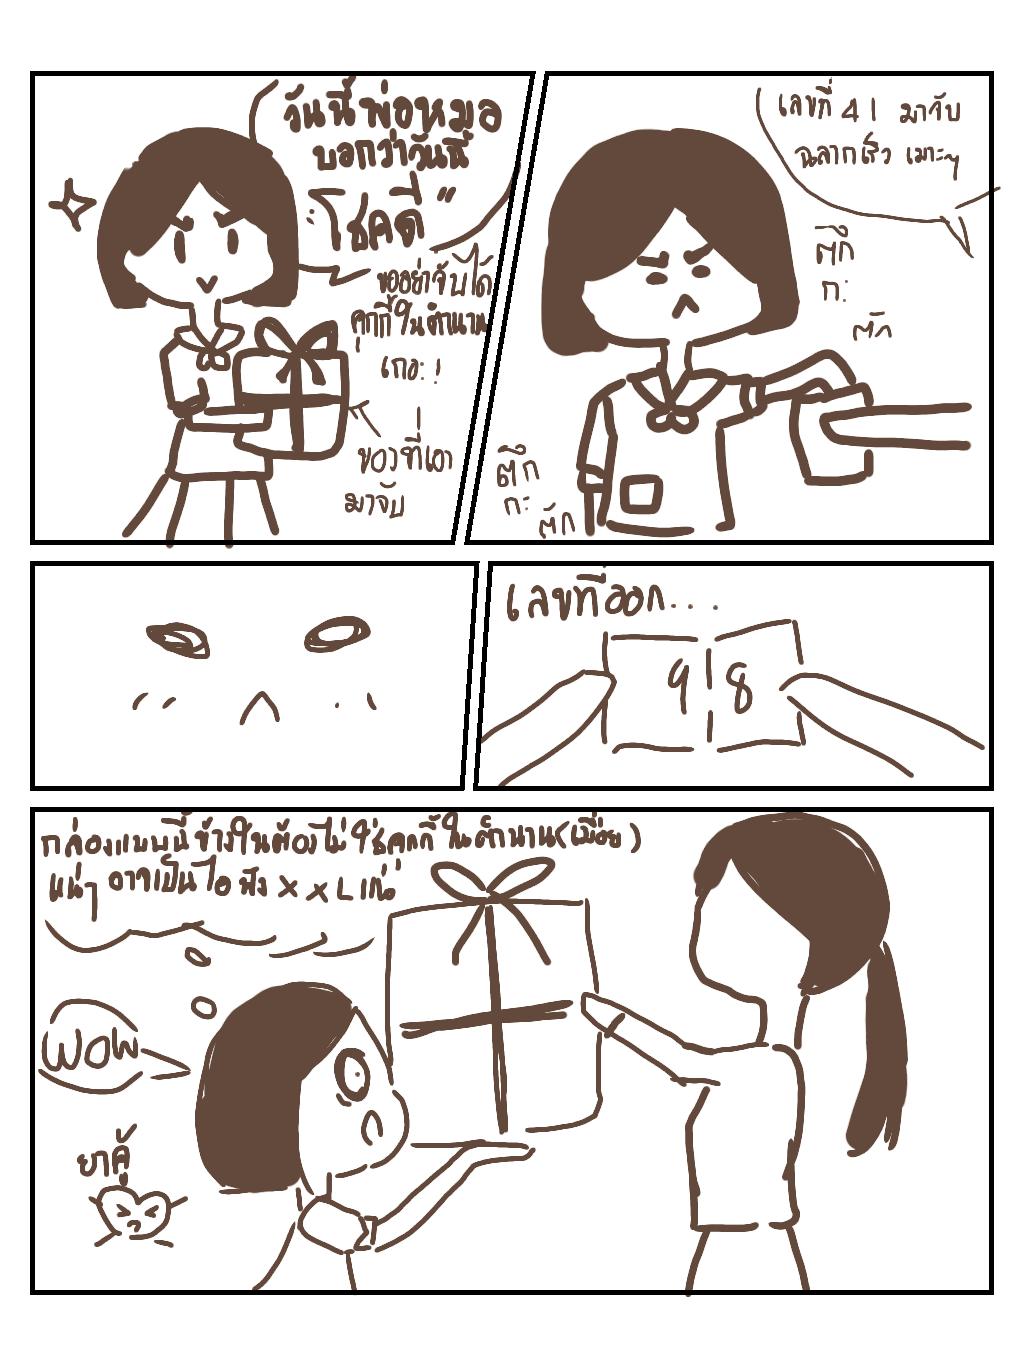 บทที่3 - จับของขวัญในวันปีใหม่